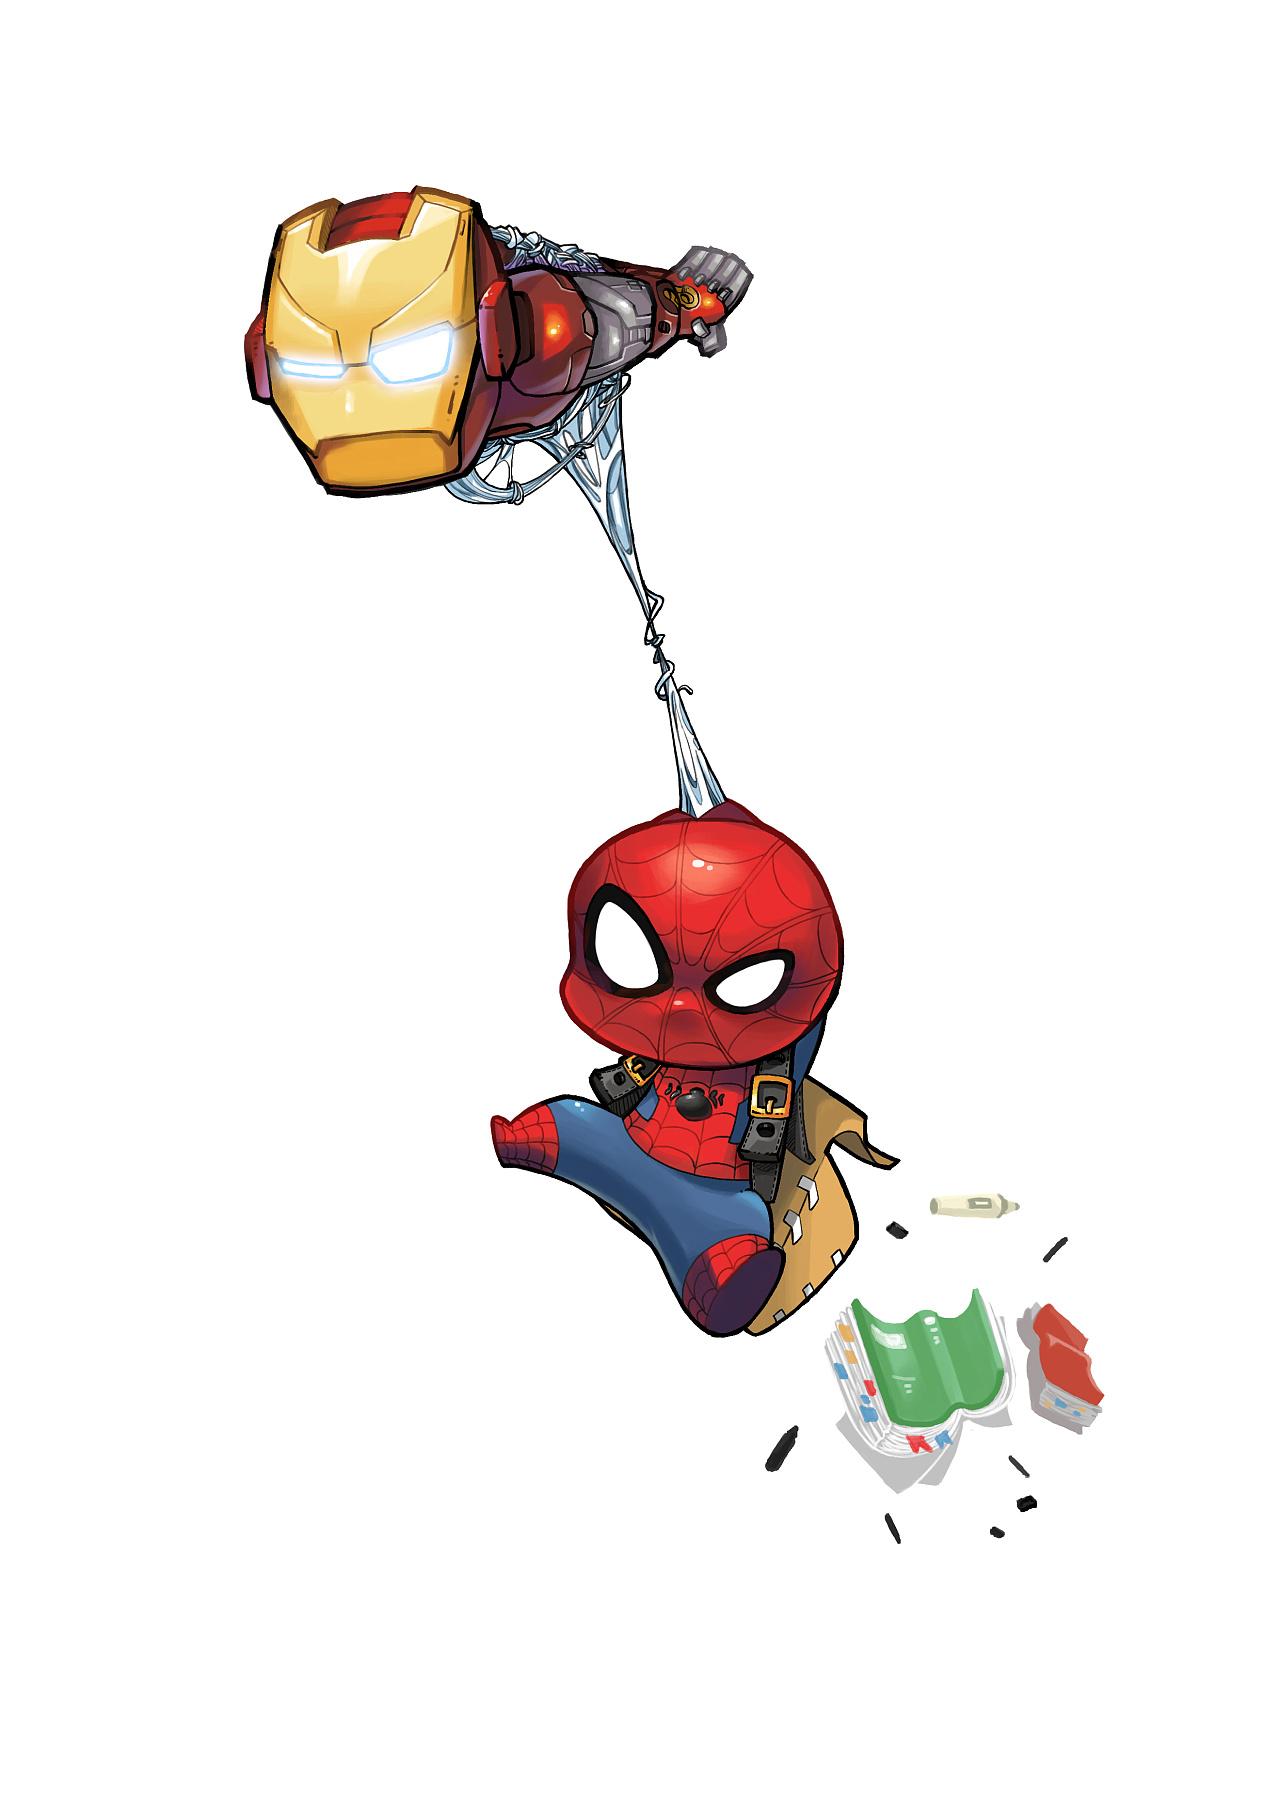 蜘蛛侠 英雄归来 小蜘蛛同人